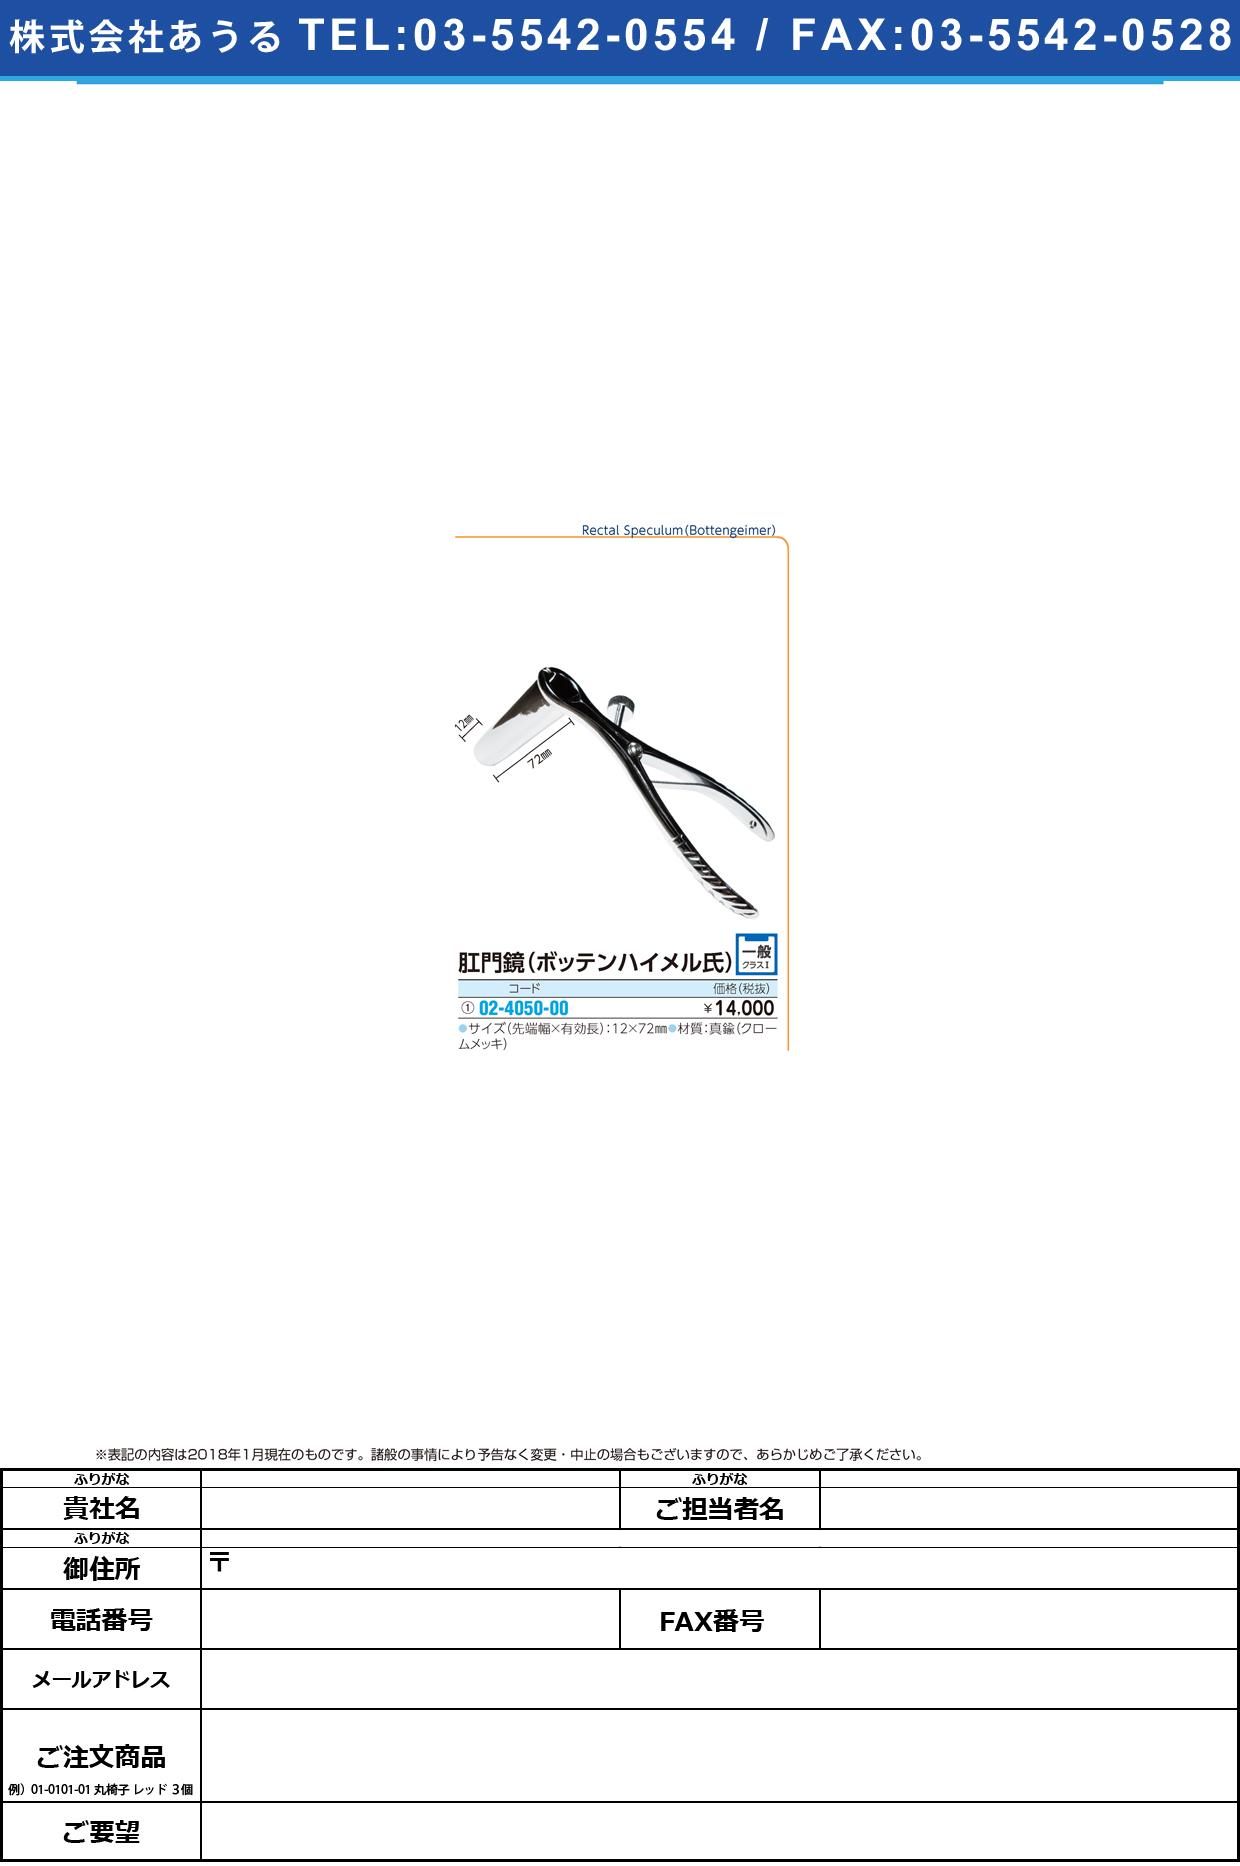 (02-4050-00)肛門鏡(ボッテンハイメル氏) 12X72MM コウモンキョウボッテンハイメルシ【1個単位】【2018年カタログ商品】